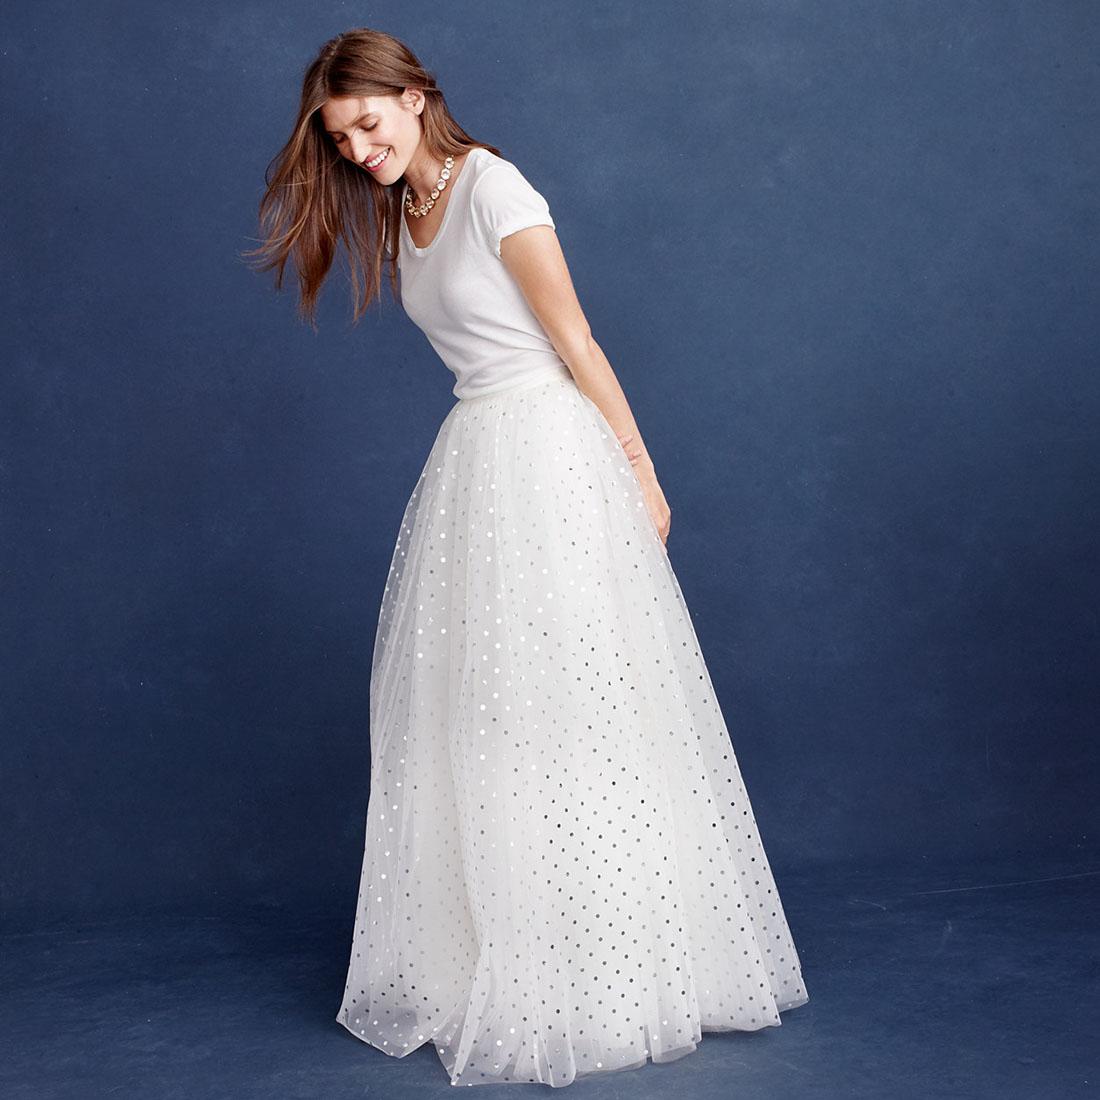 Tak jednoducho, ako sa len dá (minimalizmus v svadobných šatách) - Obrázok č. 19